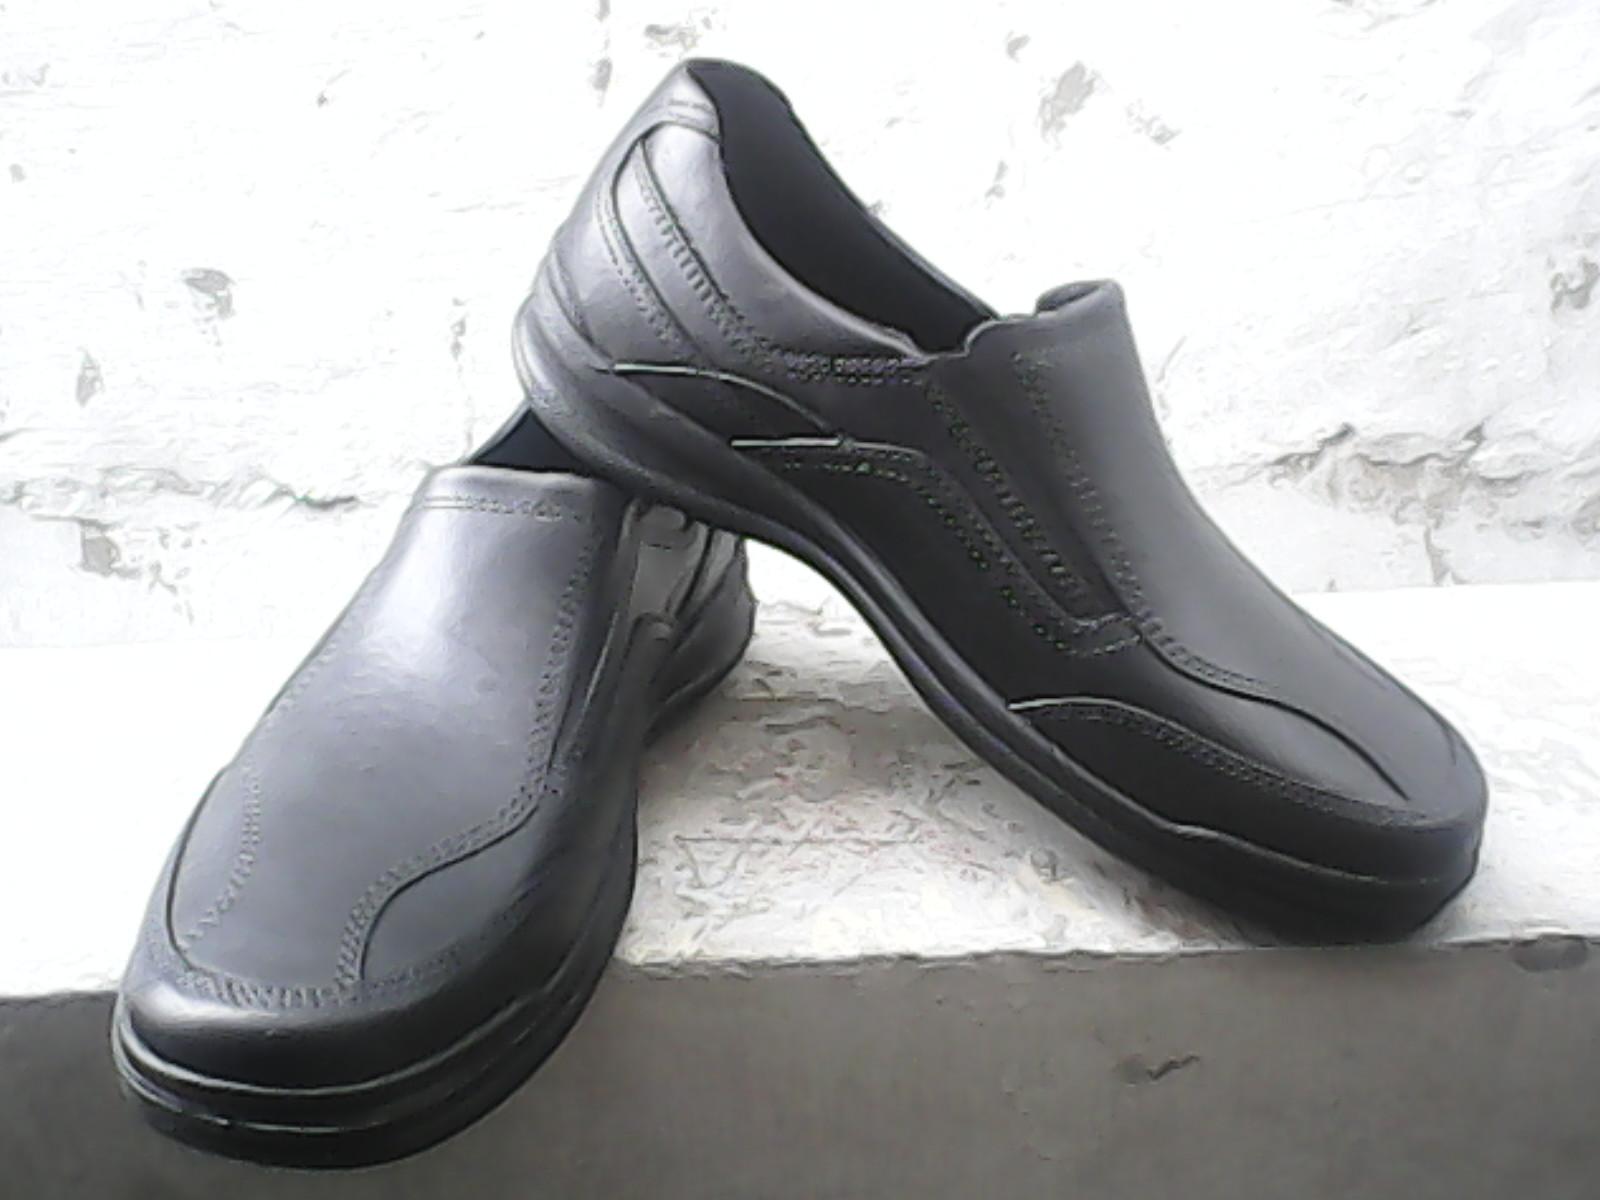 Sepatu Att Ab 375 Pantofel Anti Air Karet Merk Hujan 505